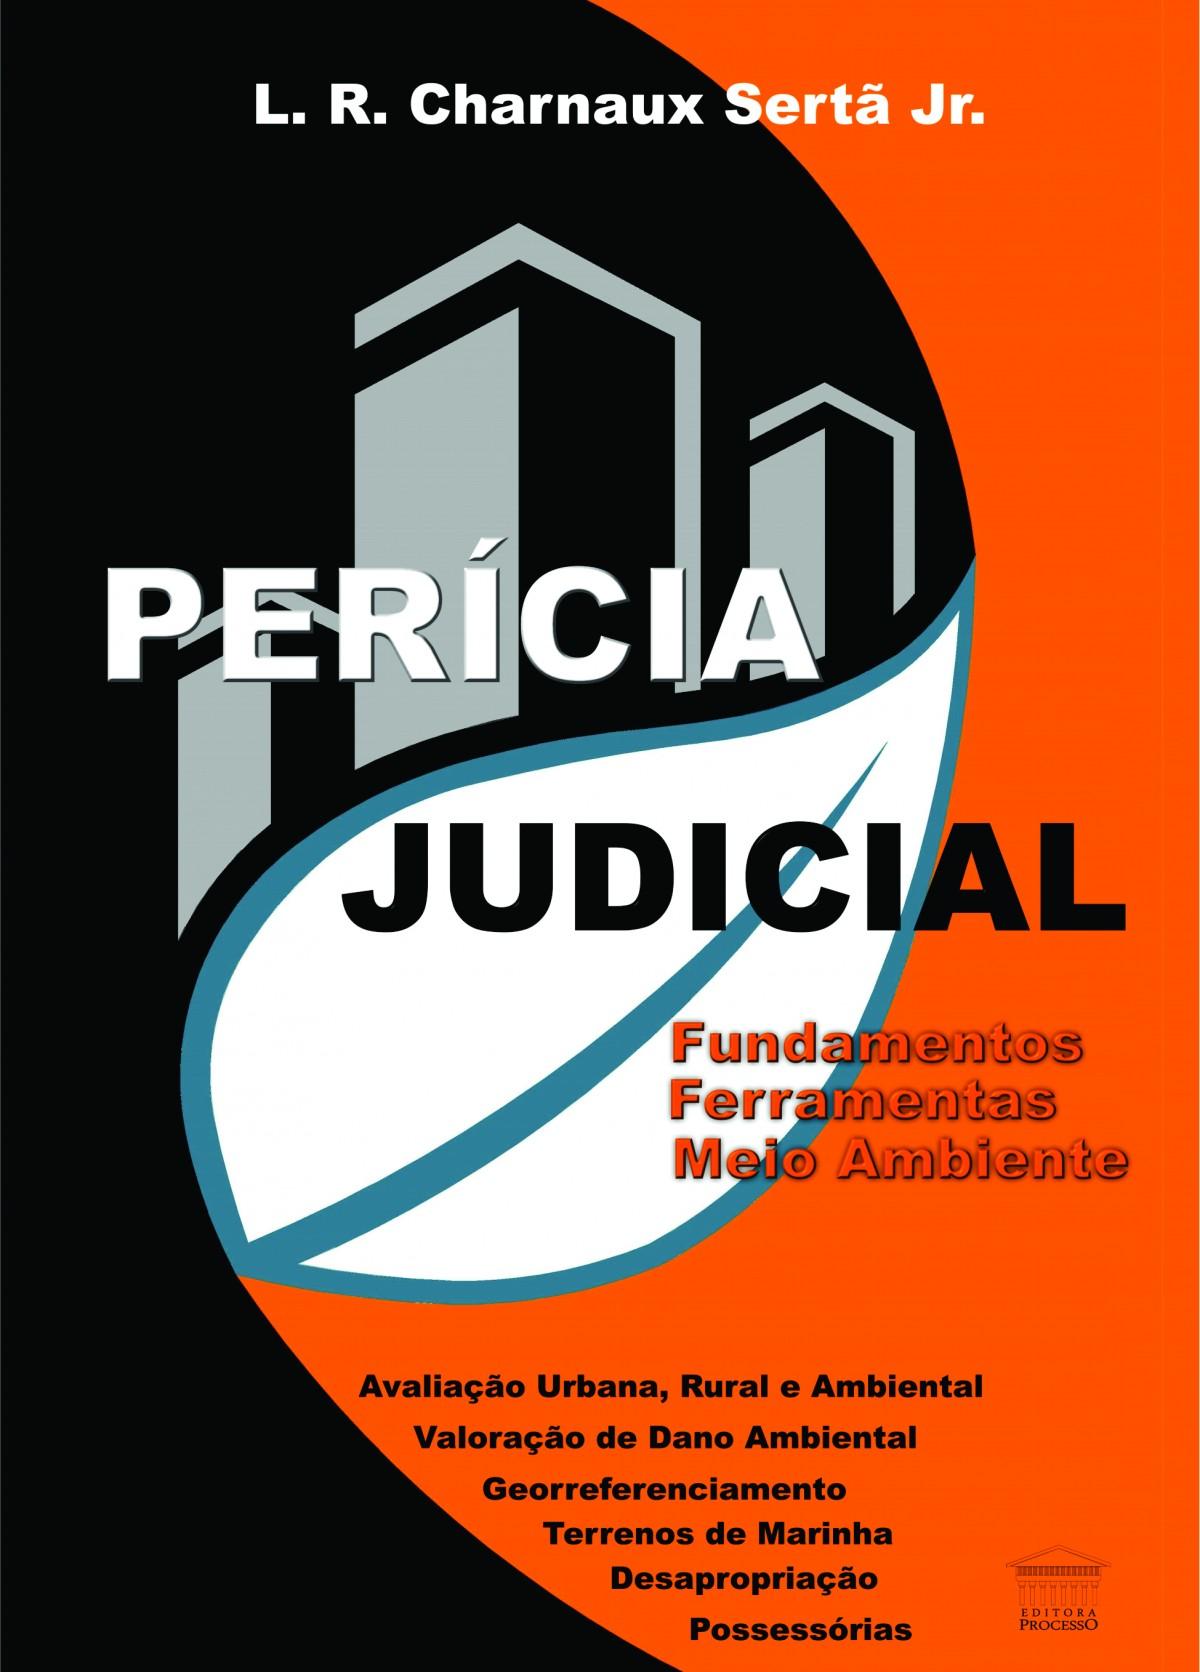 Foto 1 - Perícia Judicial - Fundamentos Ferramentas Meio Ambiente